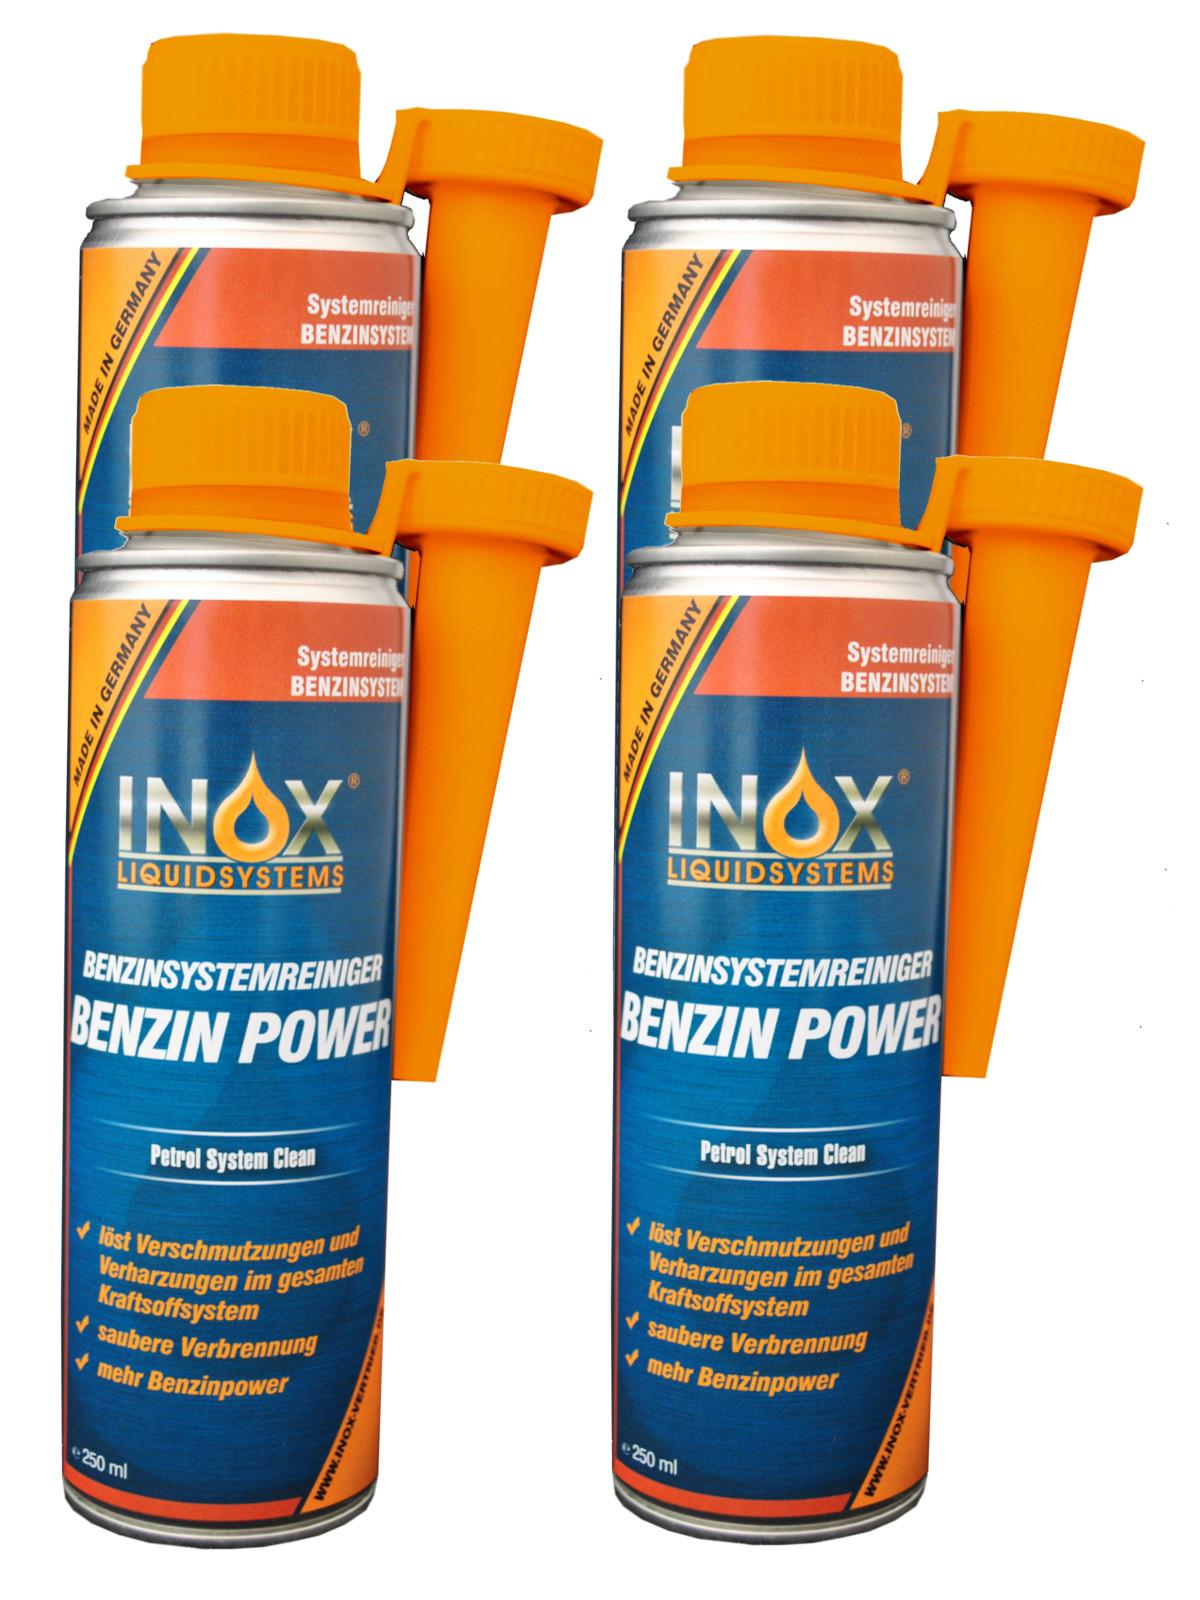 inox fuel system clean benzin power reiniger und schutz 4x. Black Bedroom Furniture Sets. Home Design Ideas